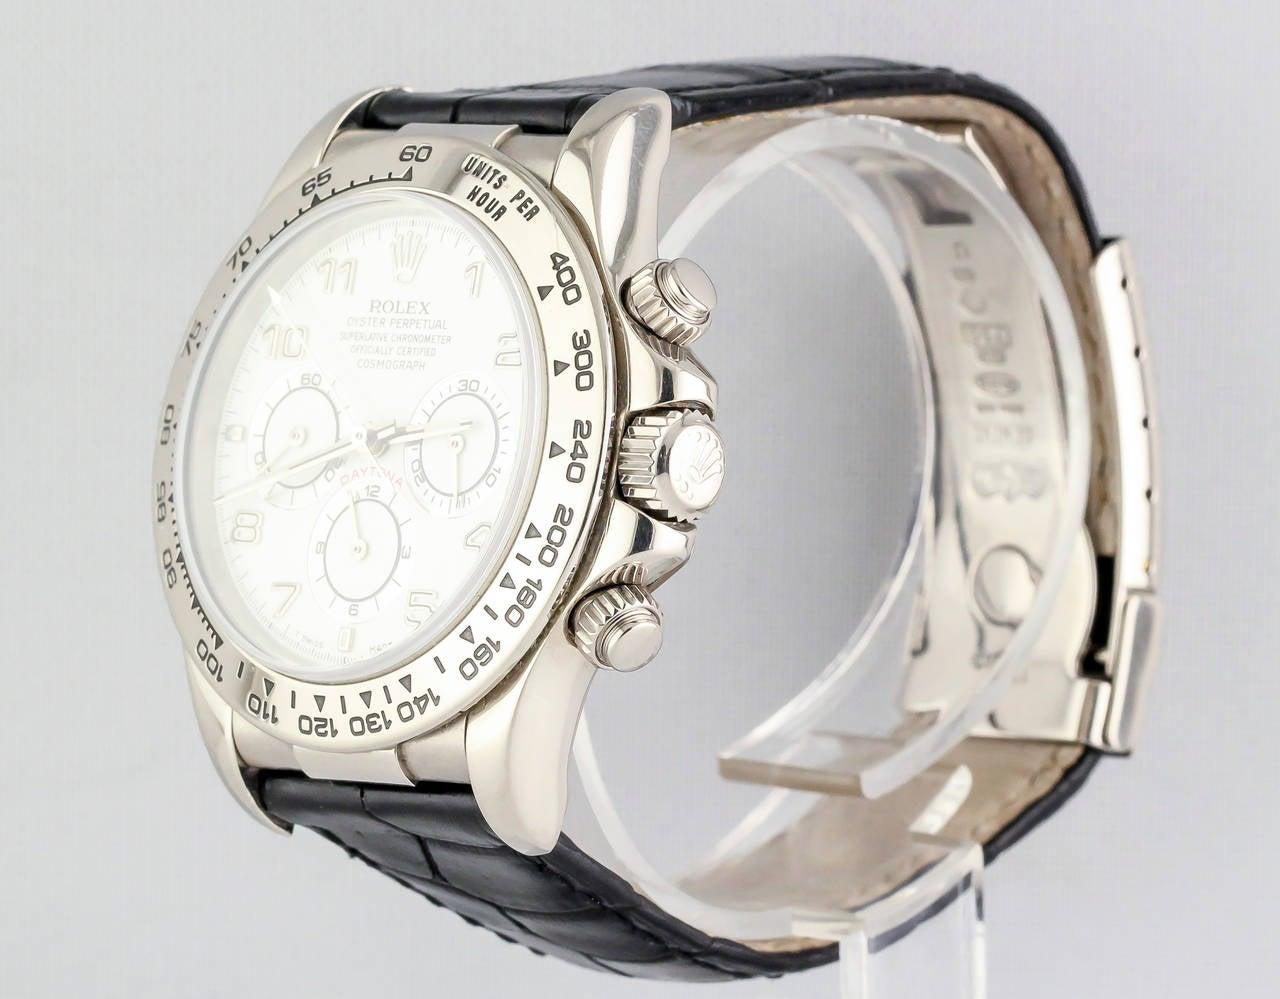 Rolex White Gold Daytona Chronograph Automatic Wristwatch 3